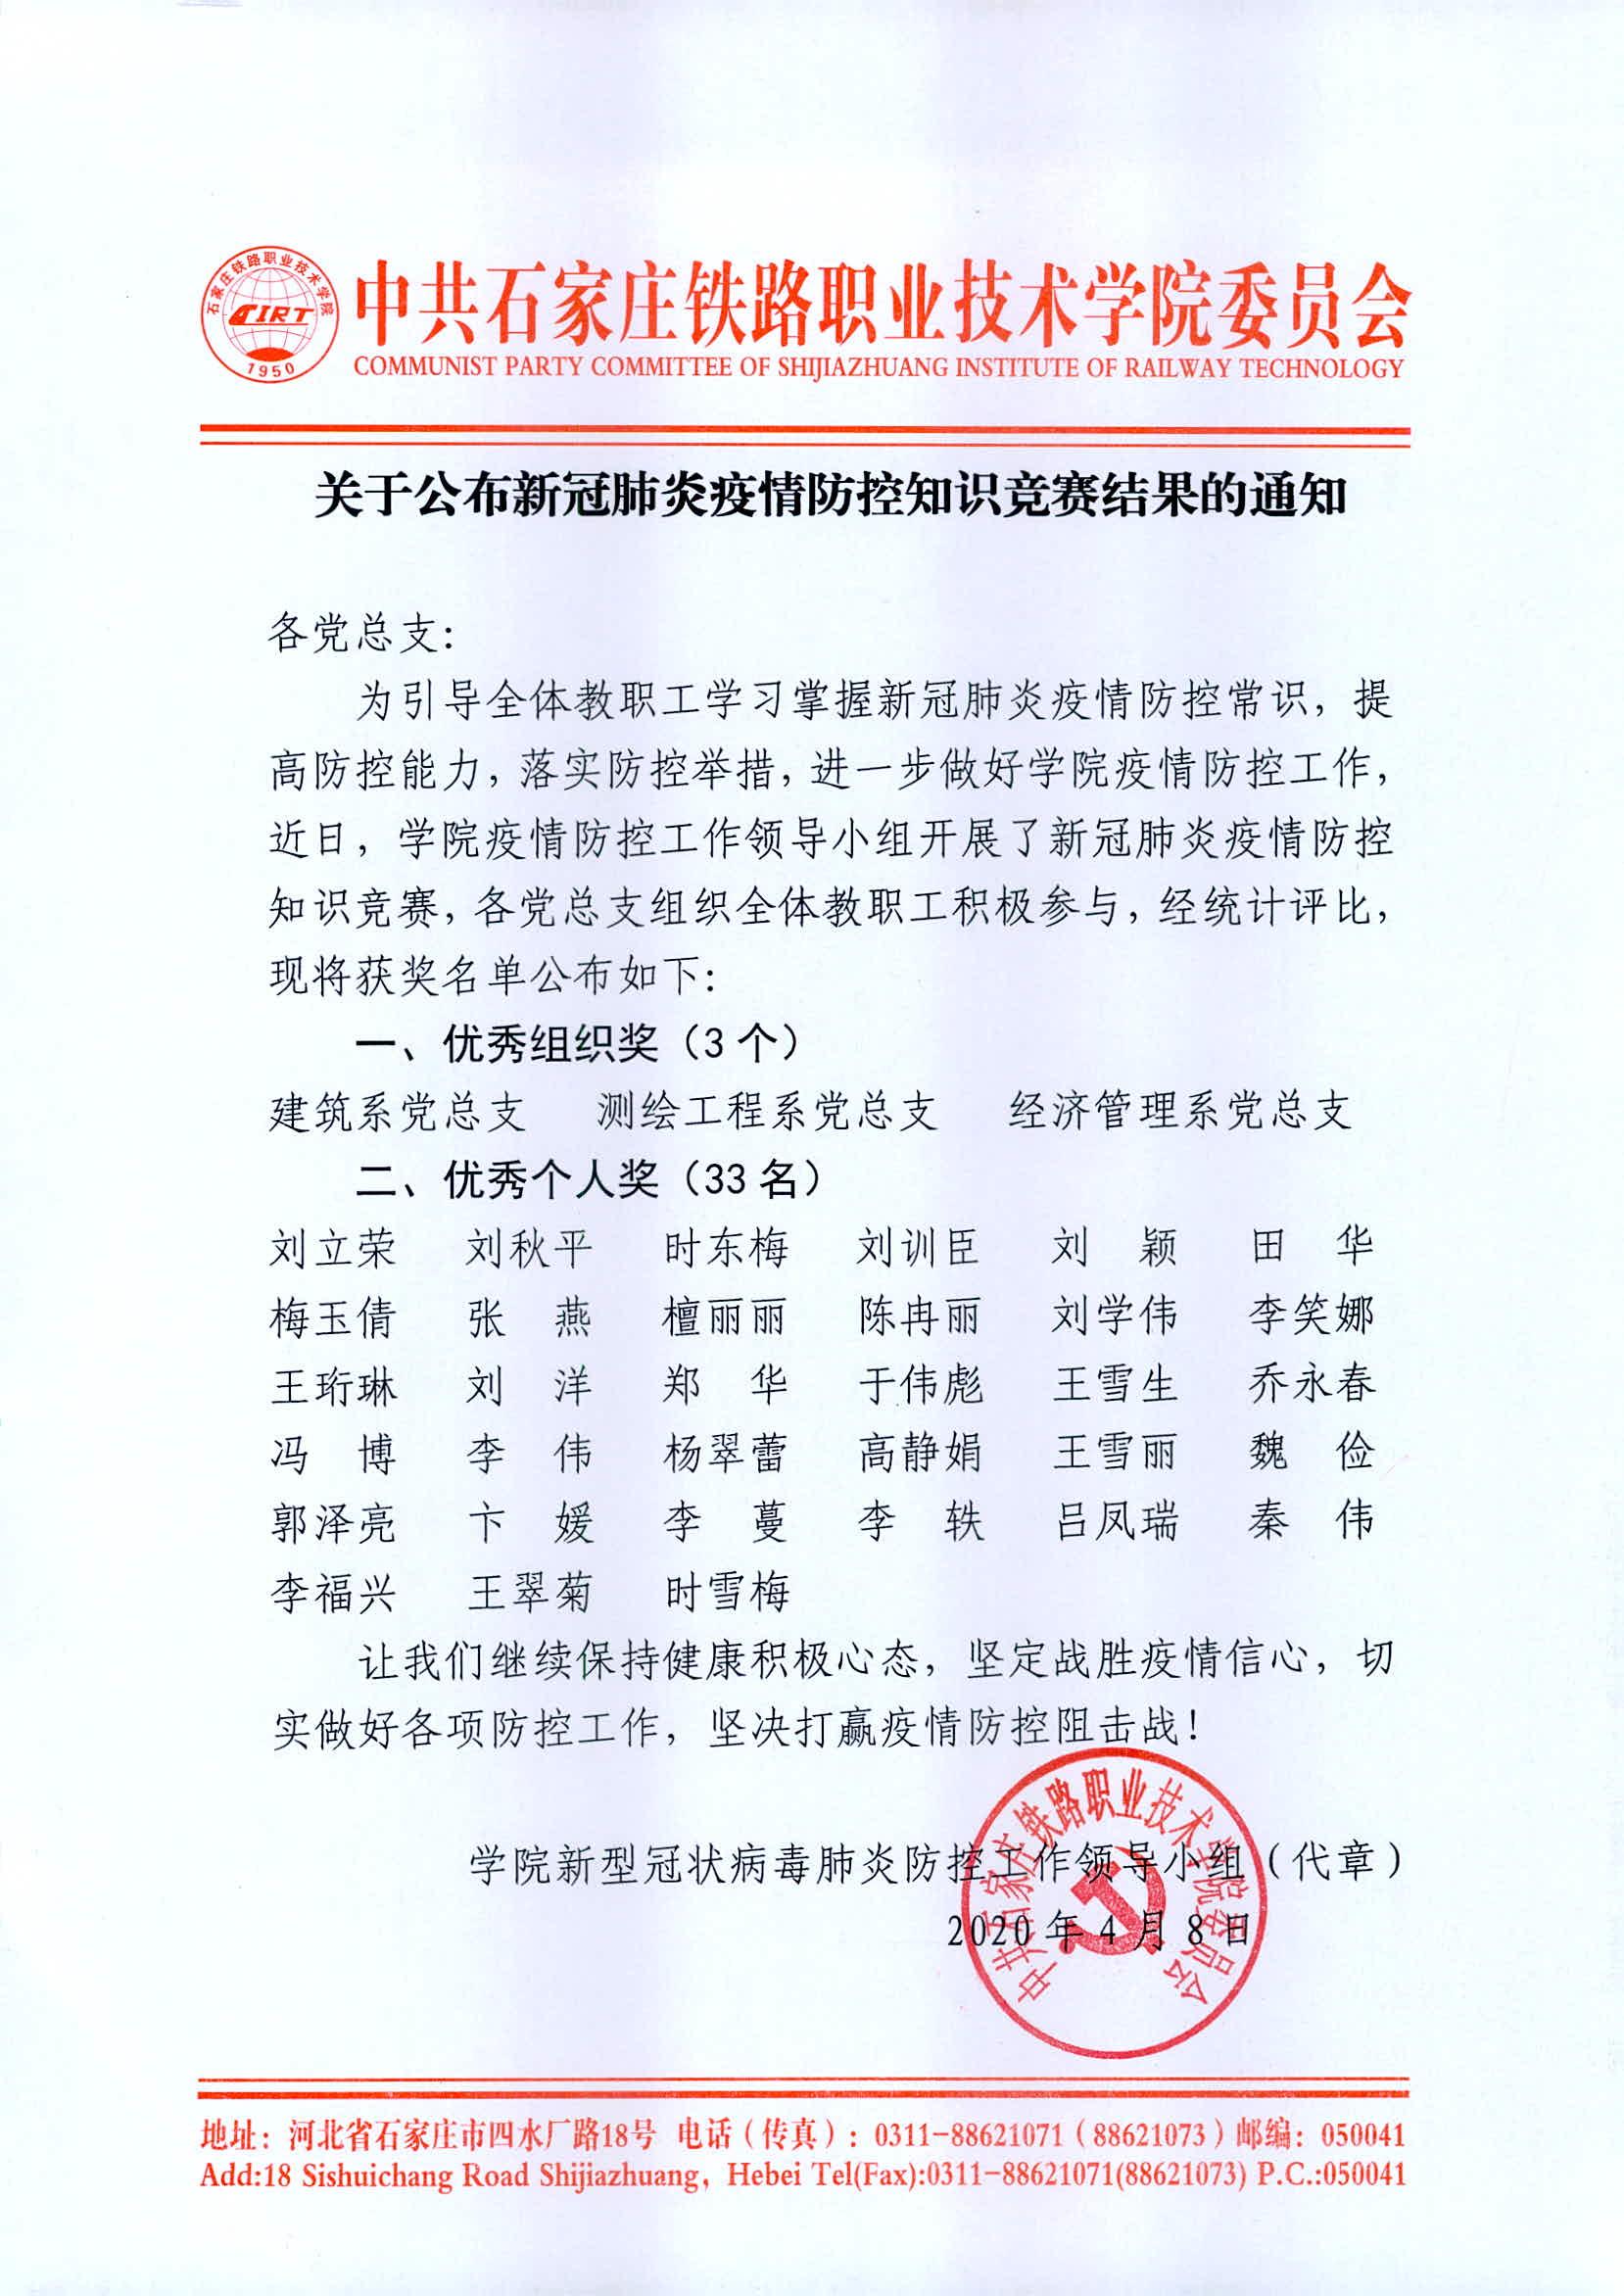 關于公布新冠肺炎疫情防控知識競賽結果的通知.jpg